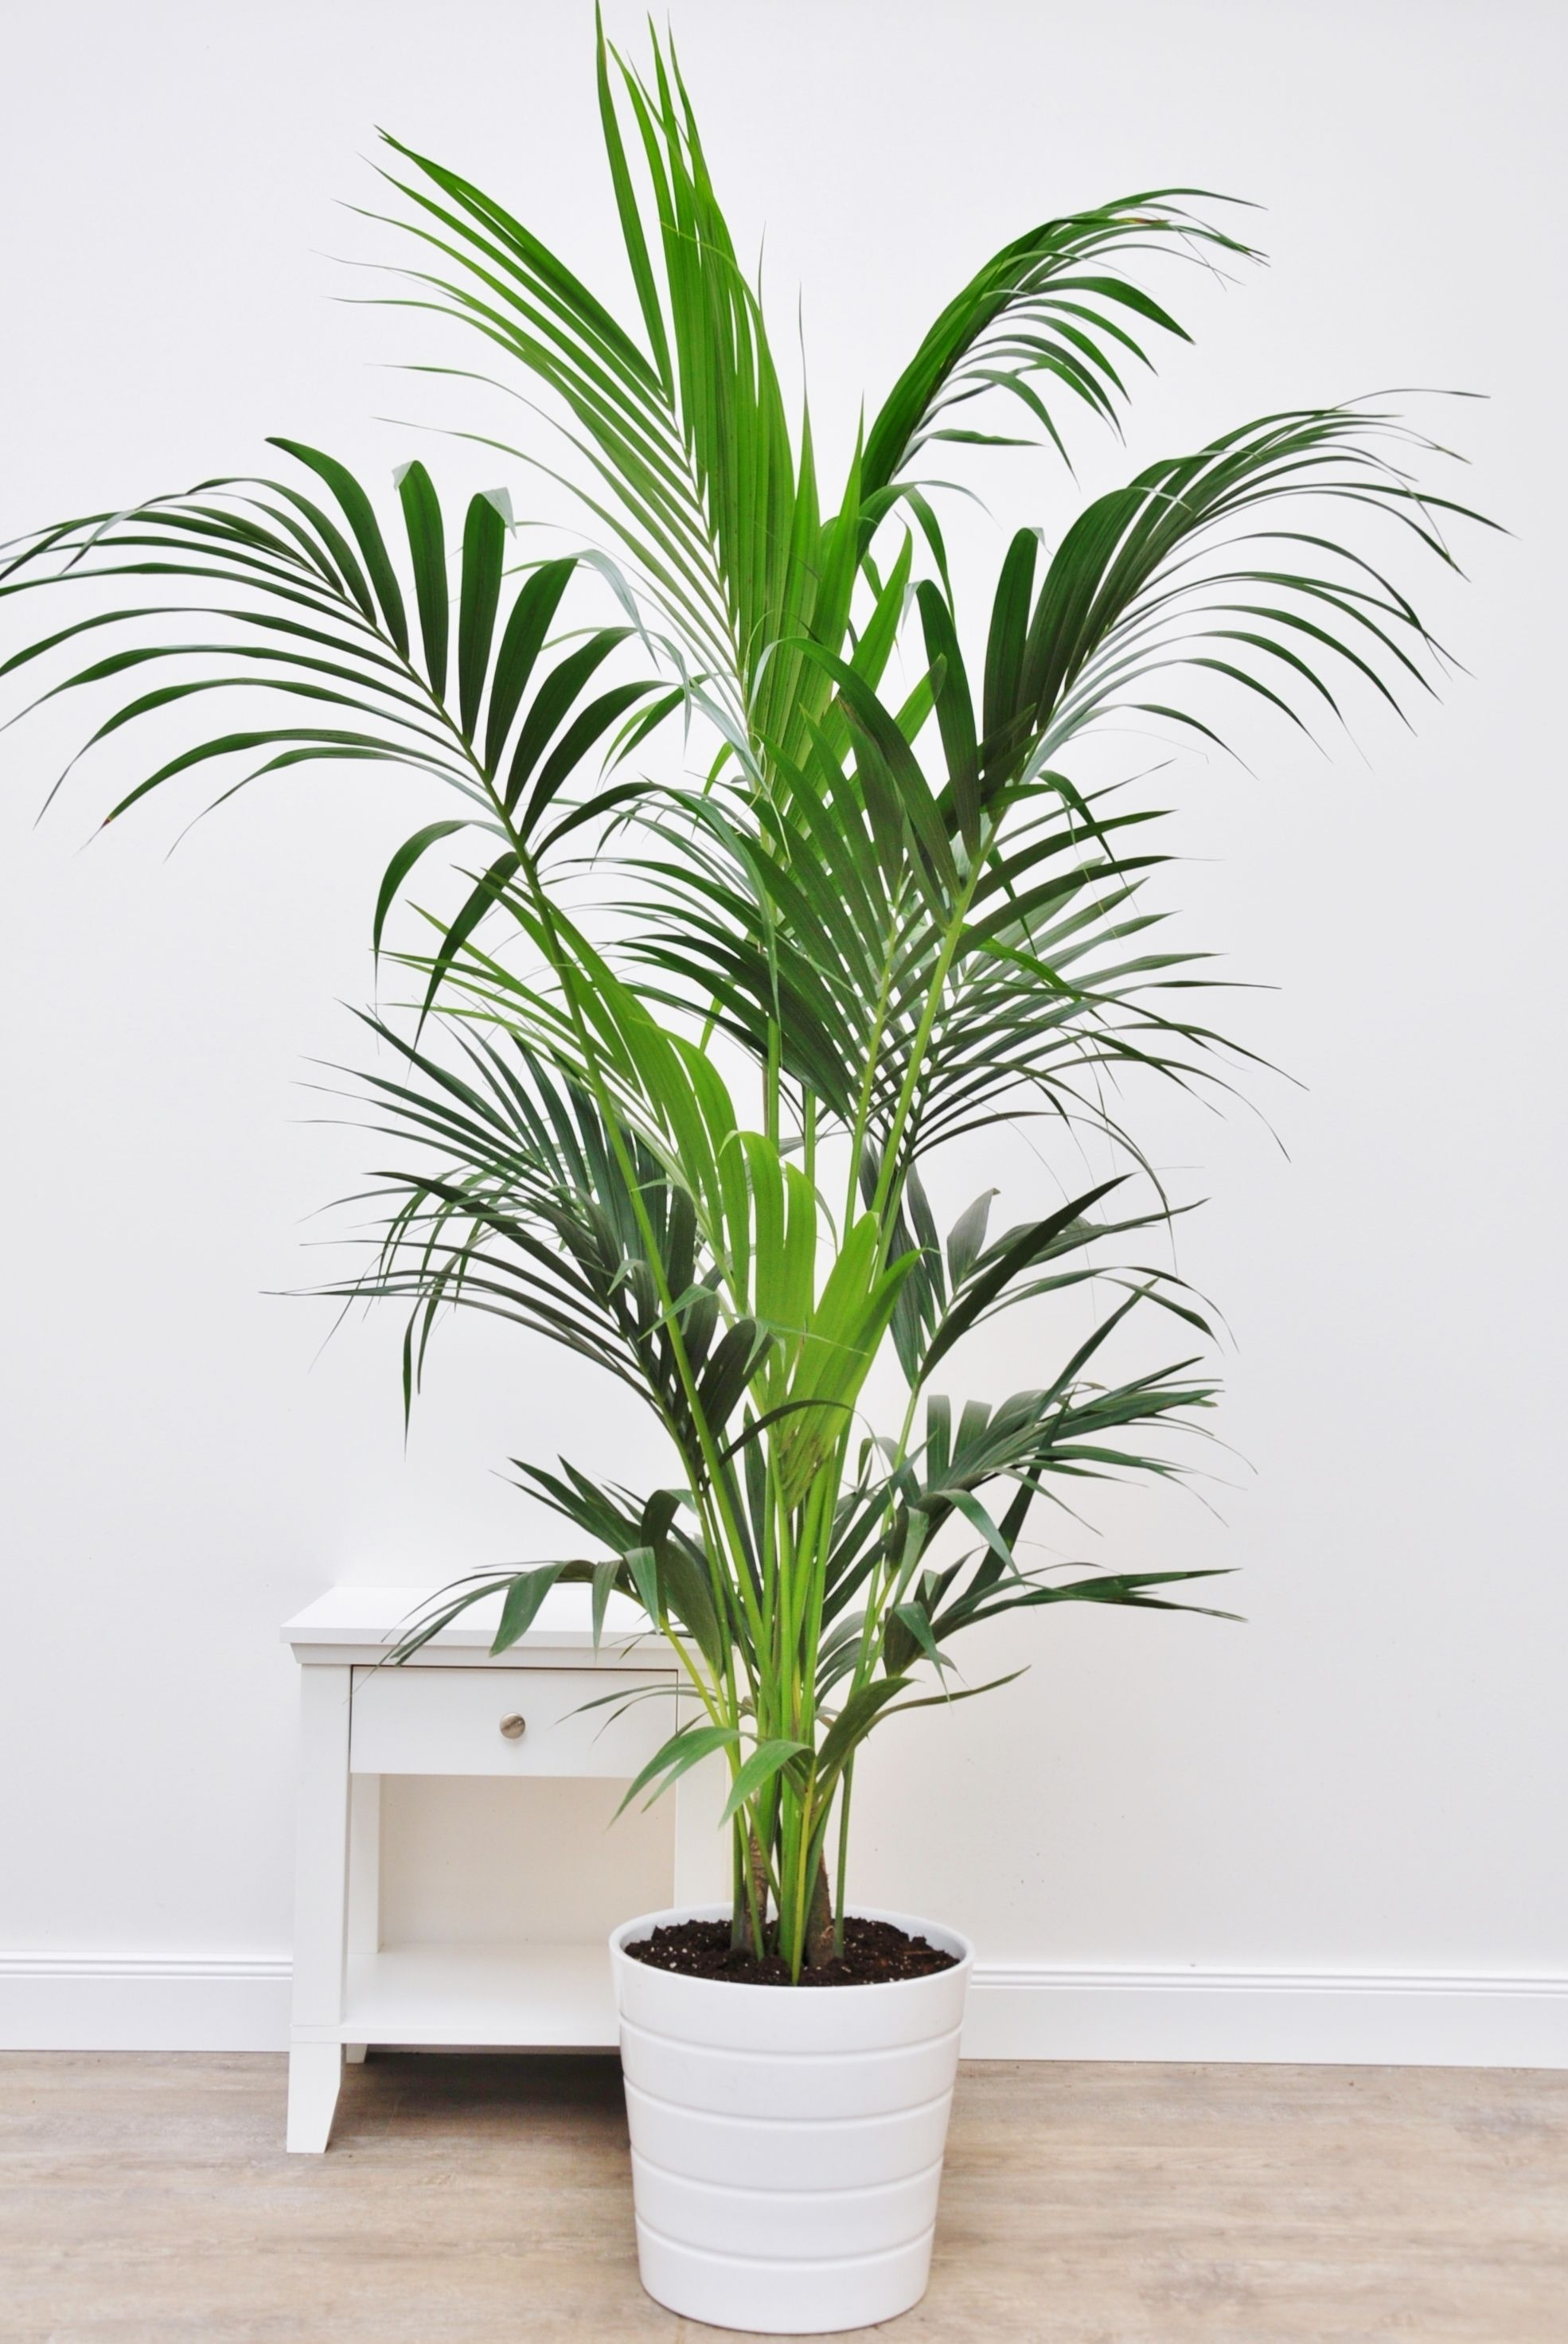 Kentia Palme Tuff Indoor Pflanzen Dekor Kentia Palme Pflanzen Dekor